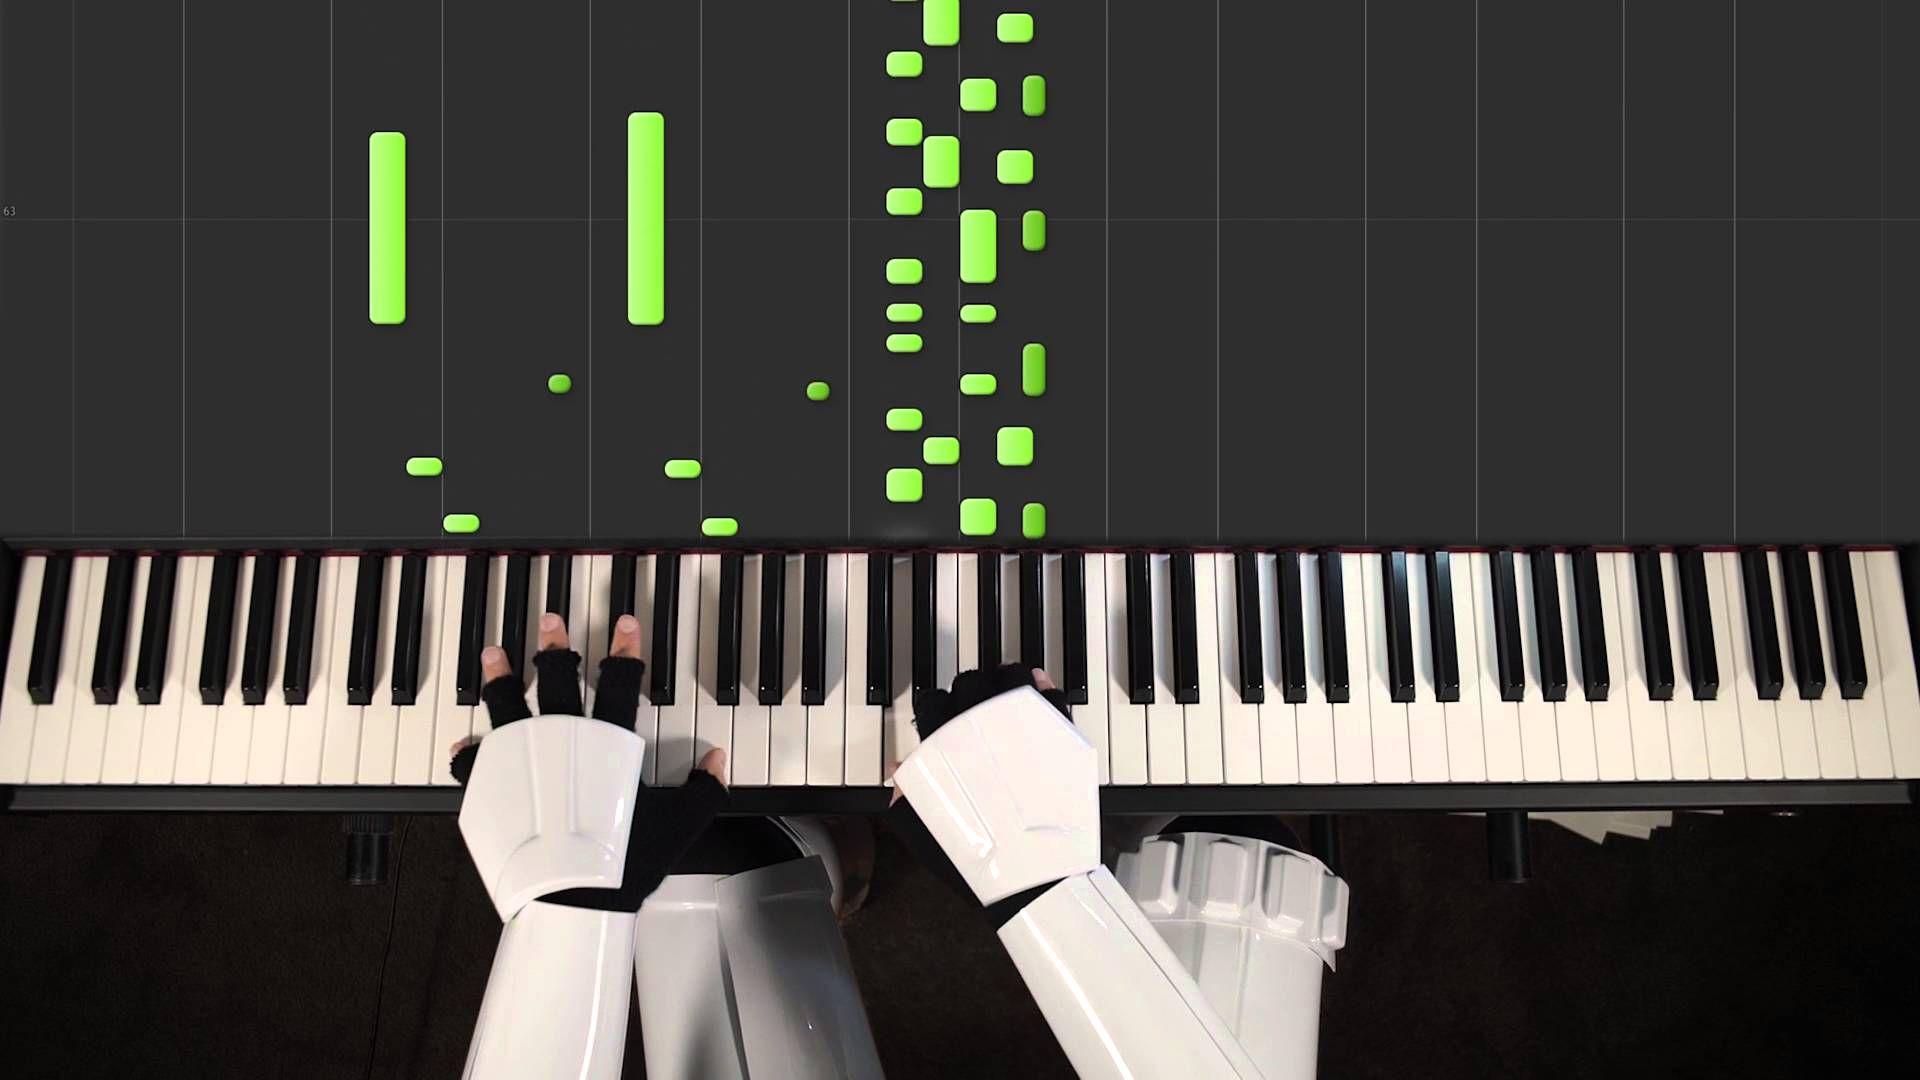 Cantina Band Star Wars Piano Cover Hard Sheets With